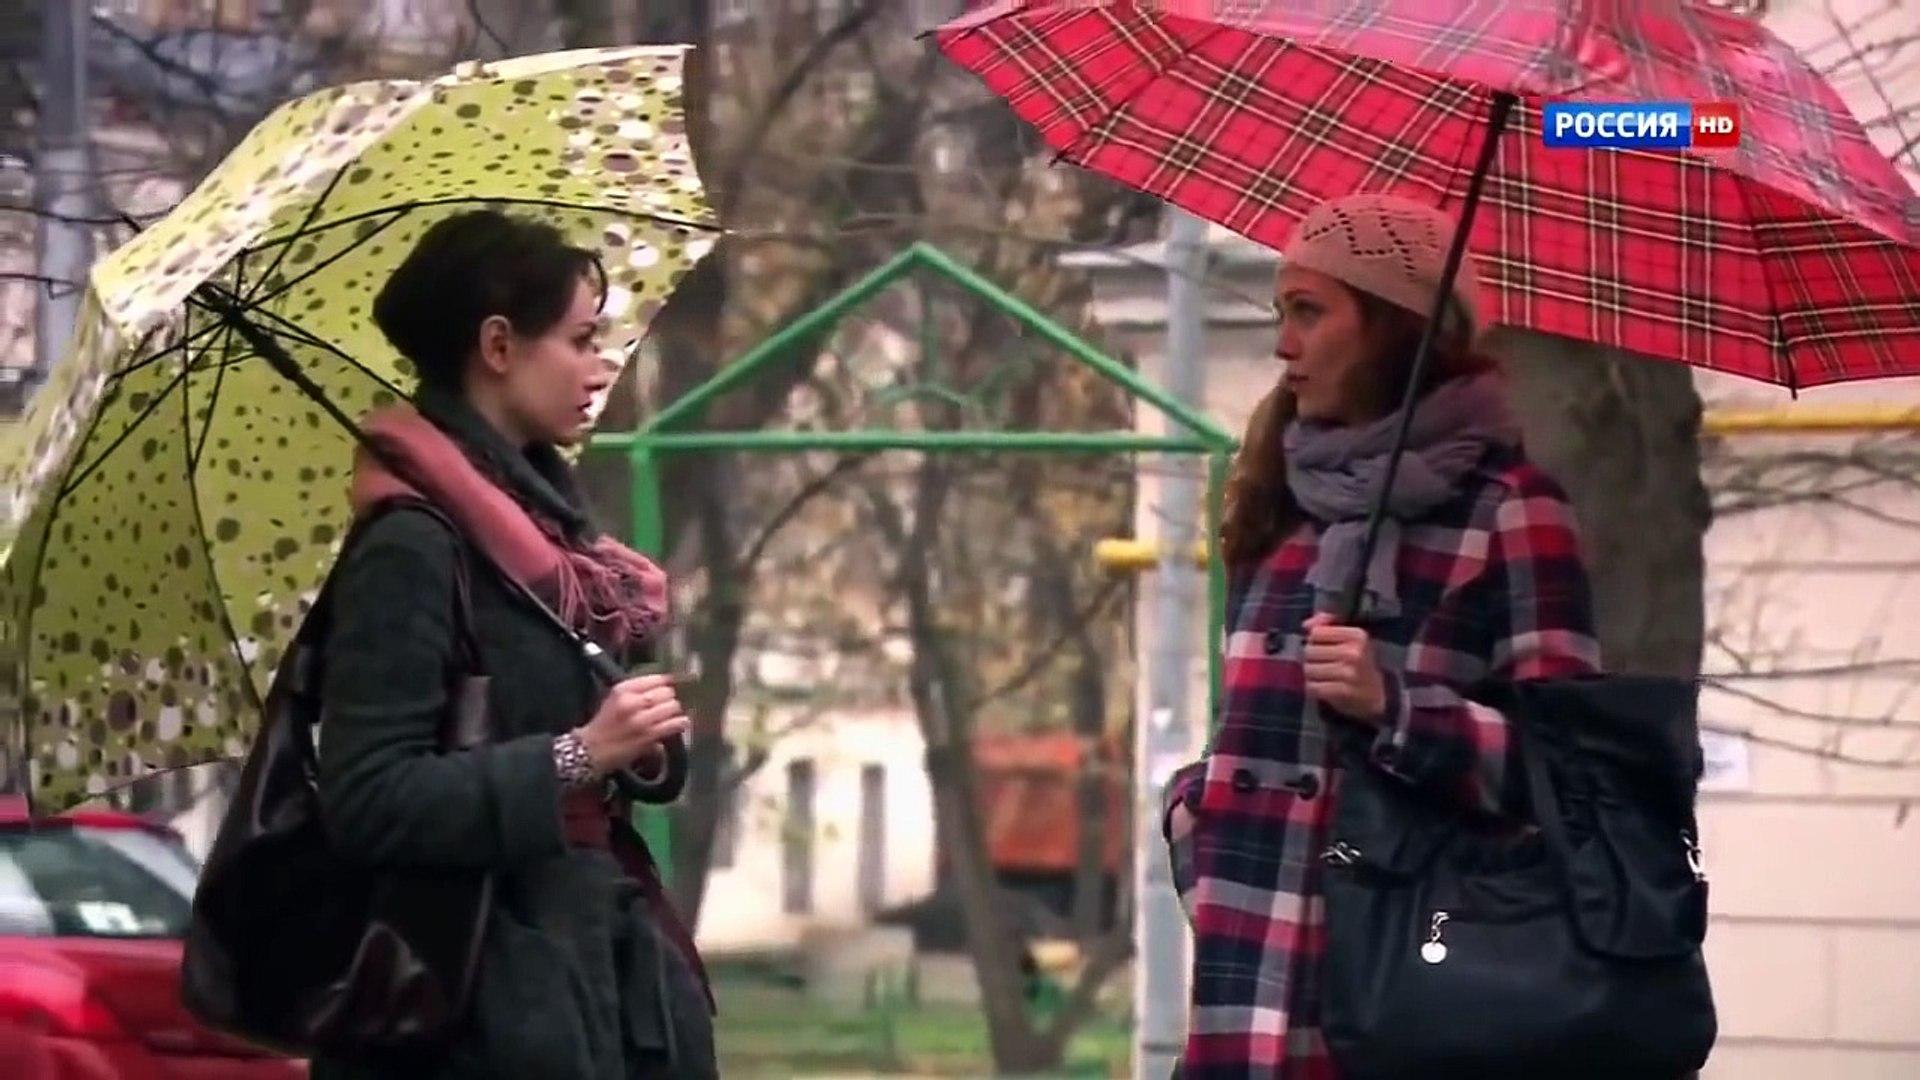 ОБАЛДЕННЫЙ ЖИЗНЕННЫЙ ФИЛЬМ - Измена Русские фильмы 2017, Русские мелодрамы 2017 1 часть